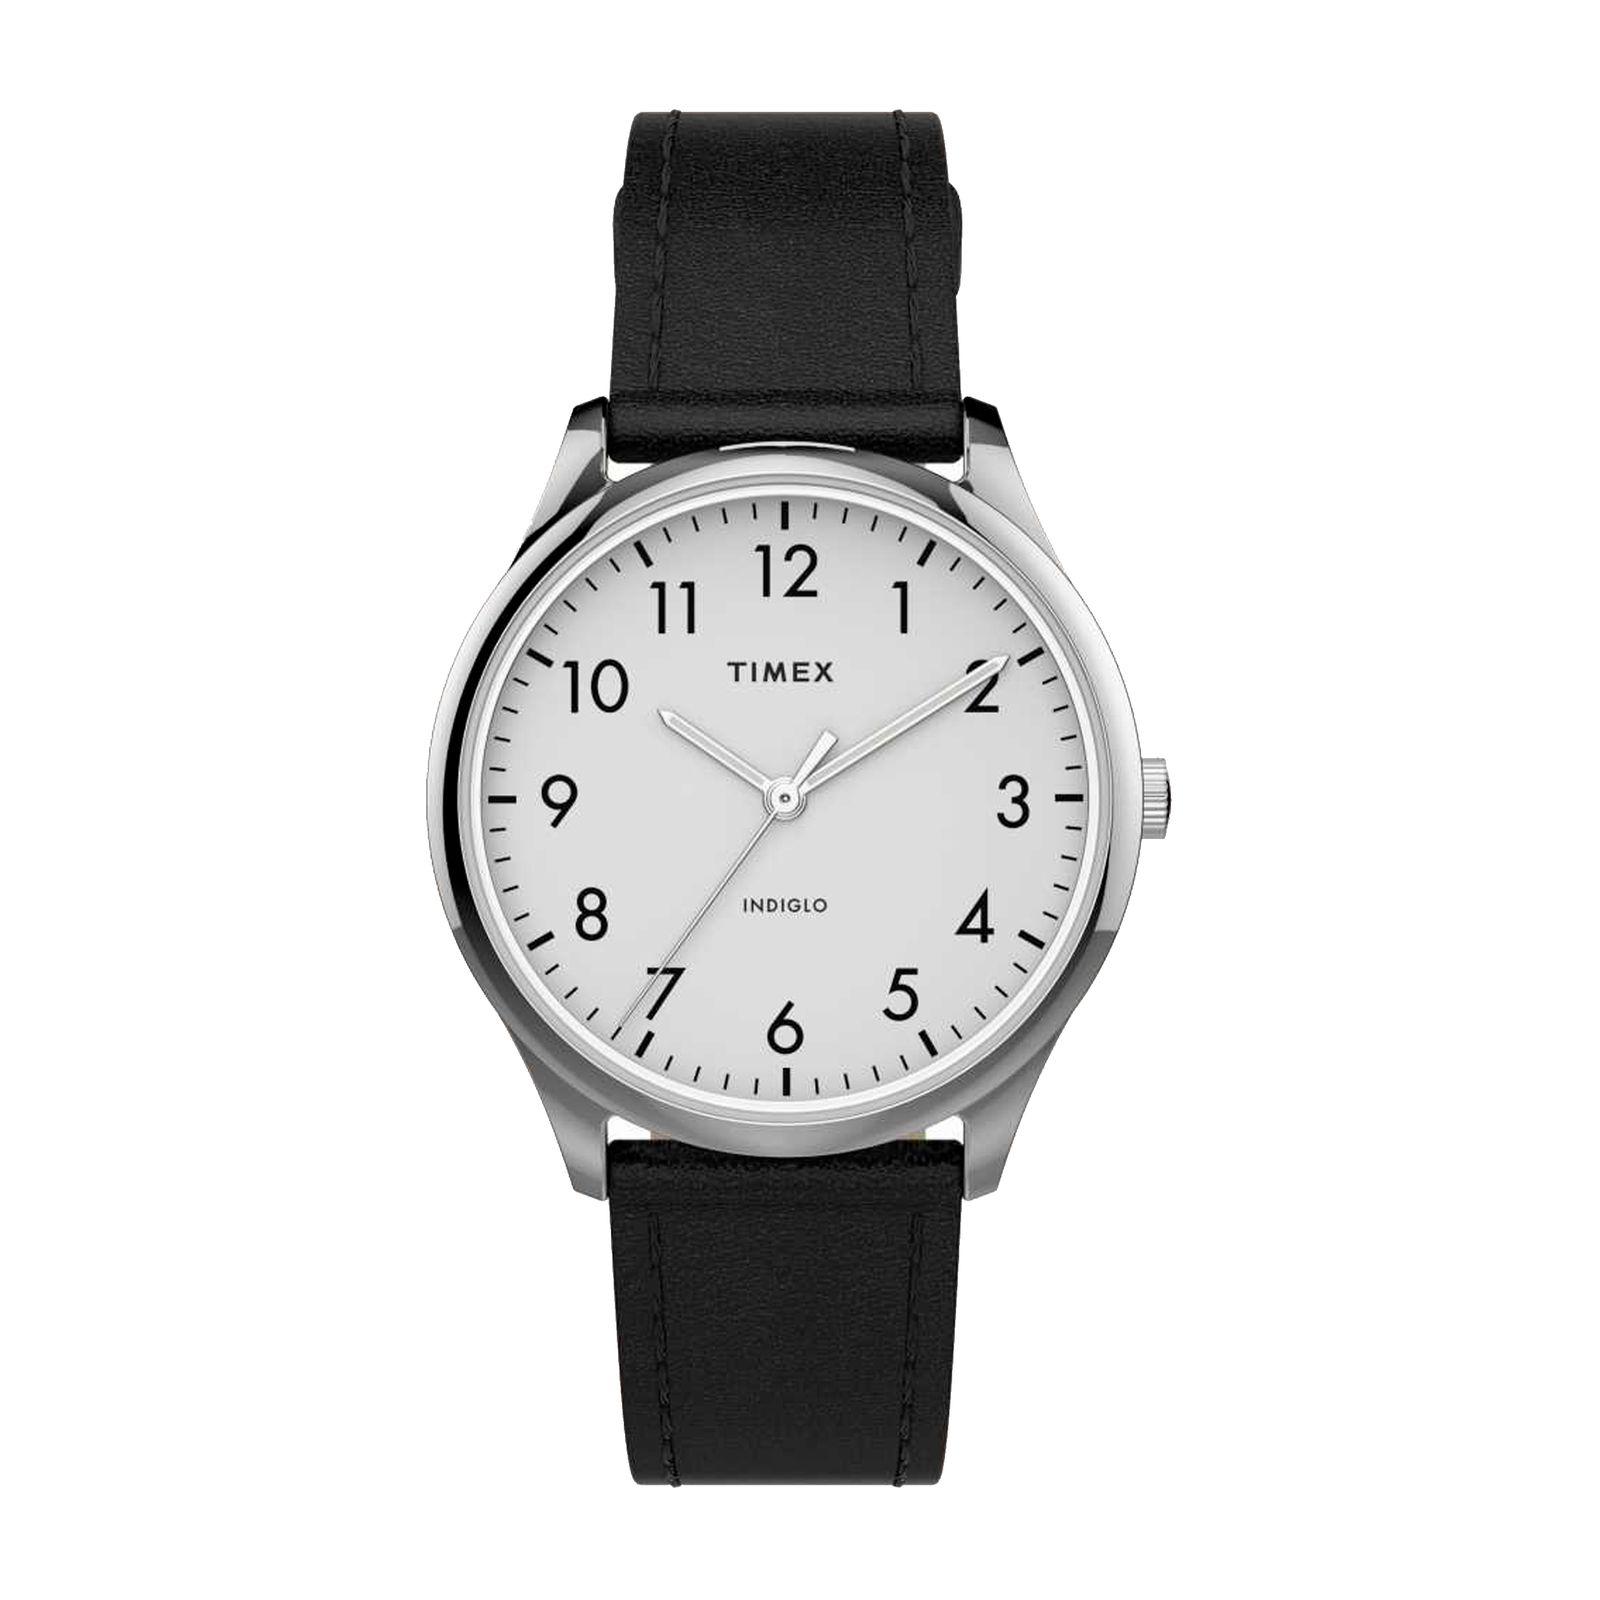 ساعت مچی عقربه ای زنانه تایمکس مدل TW2T72100 -  - 1